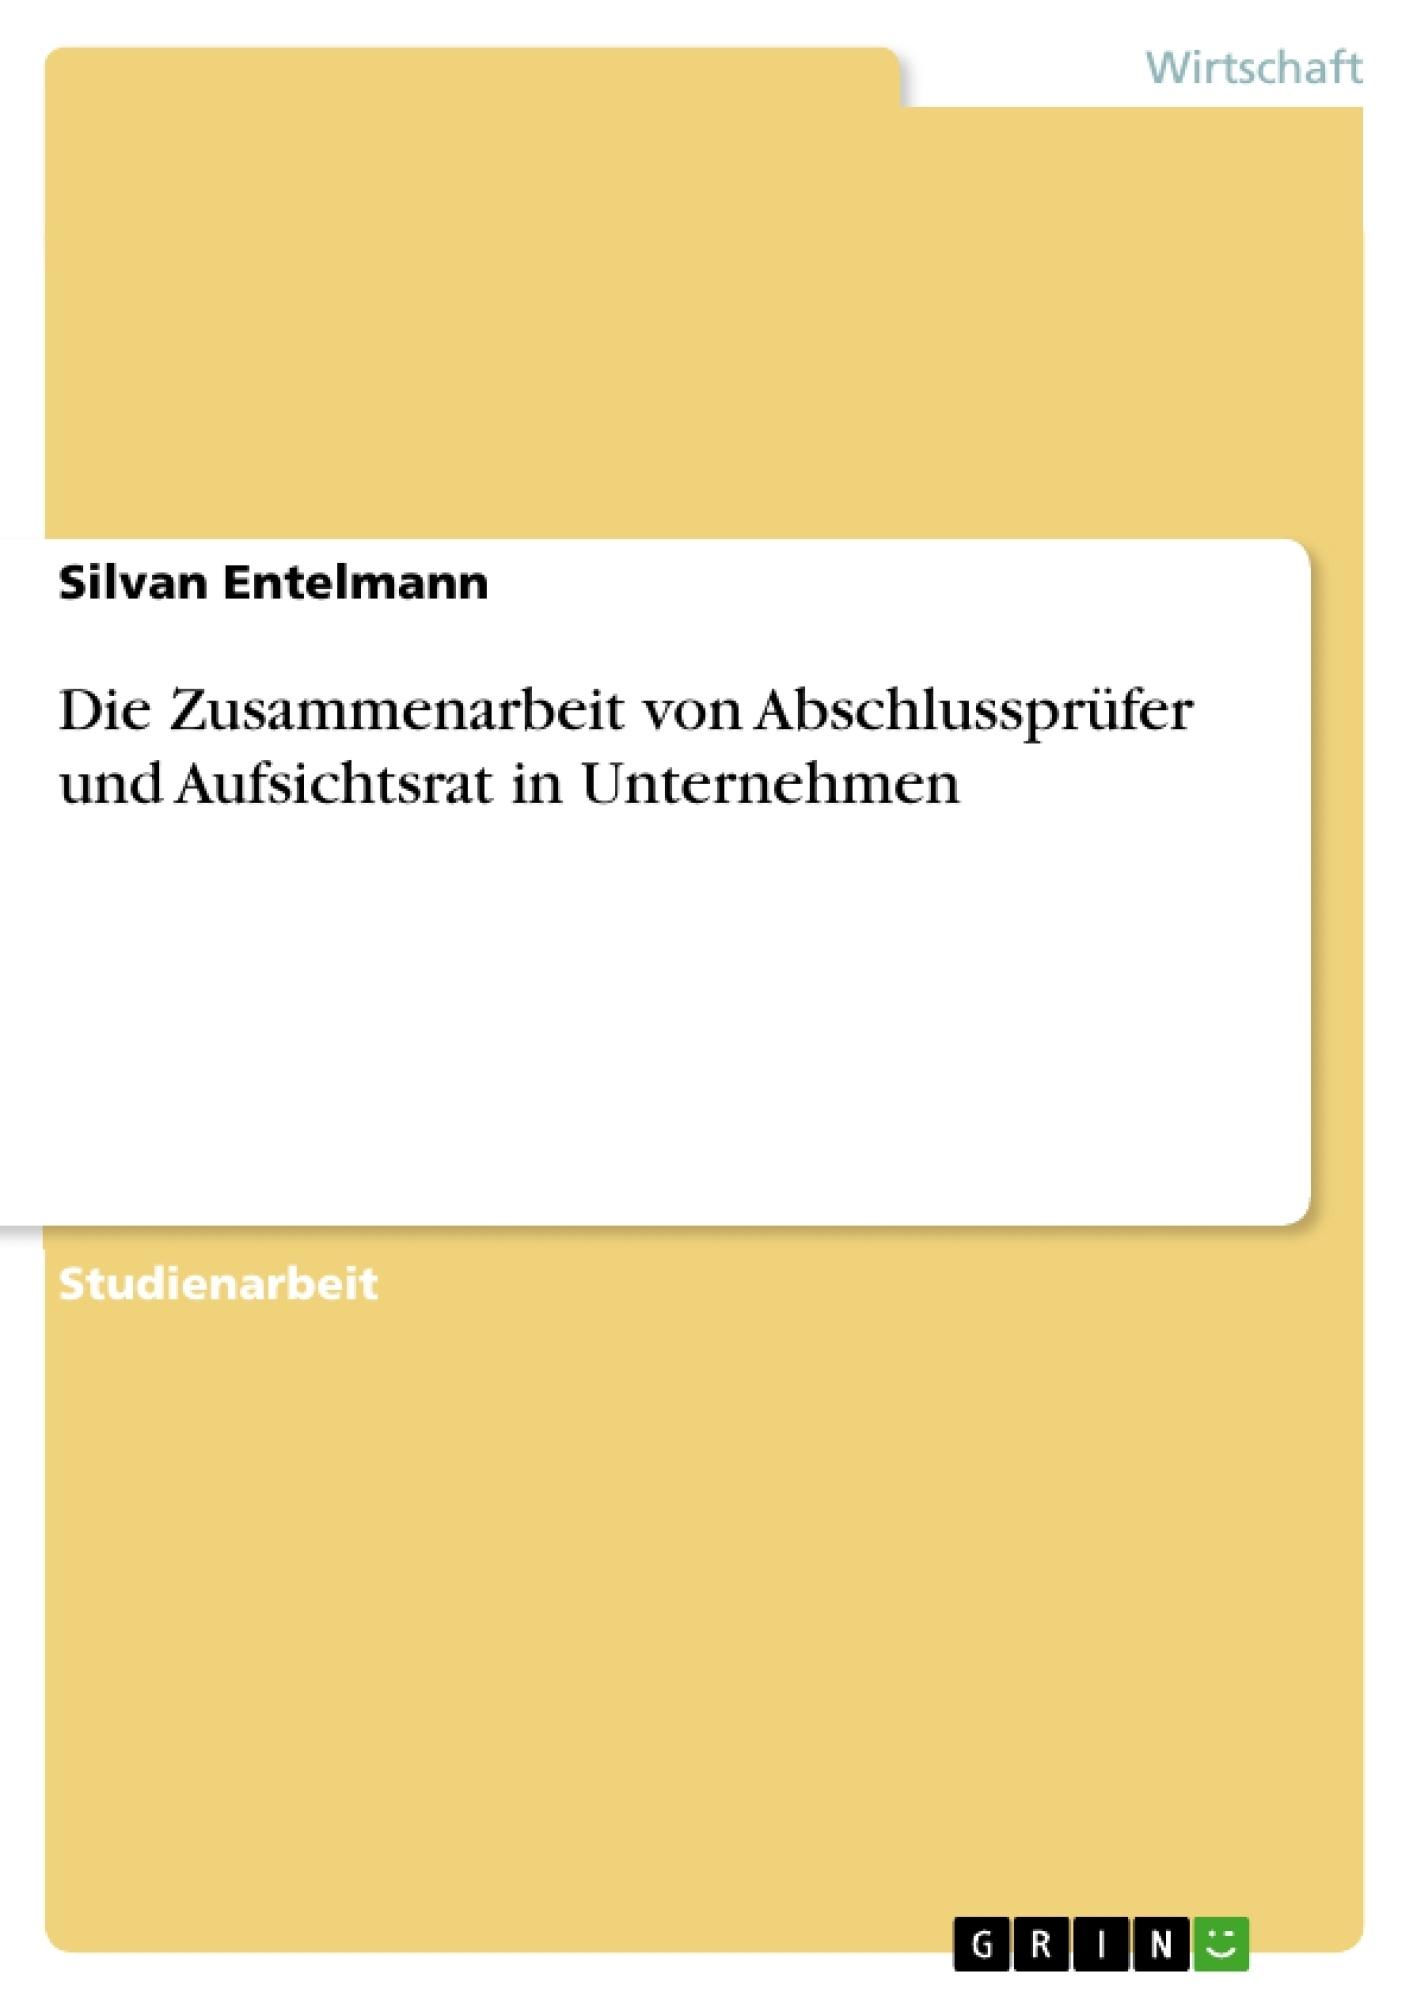 Titel: Die Zusammenarbeit von Abschlussprüfer und Aufsichtsrat in Unternehmen